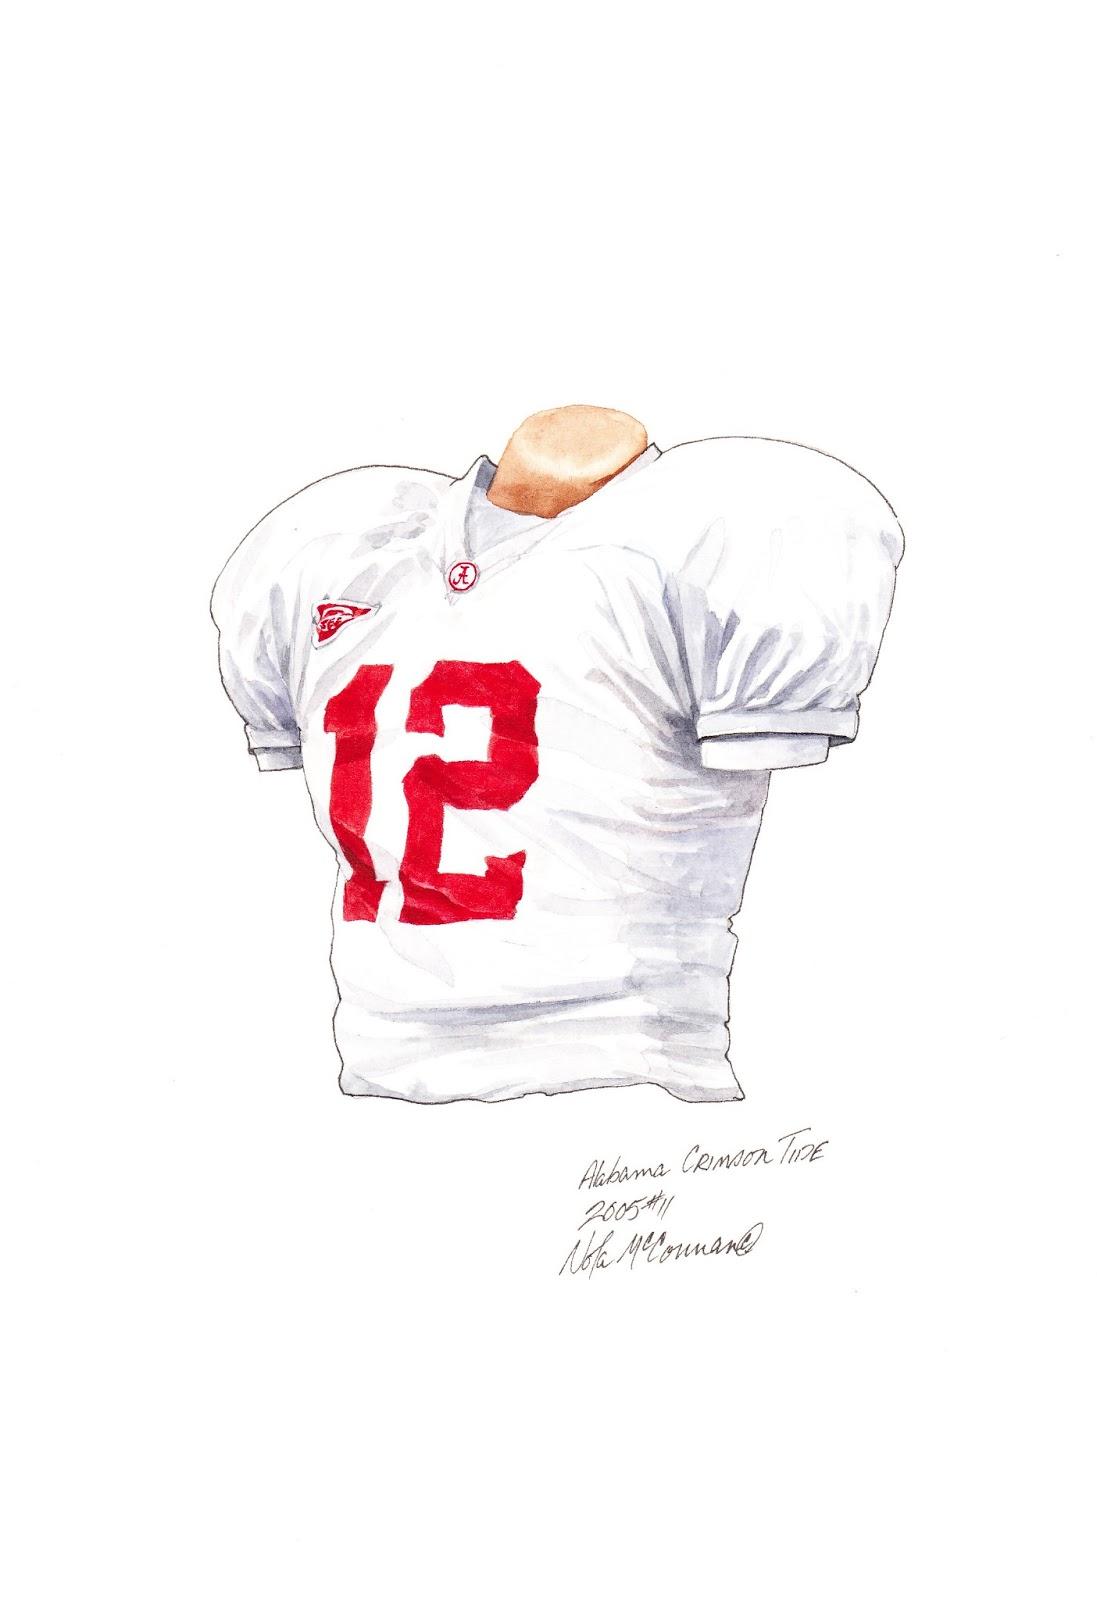 4e54fe6d8 2005 Alabama Crimson Tide football uniform original art for sale